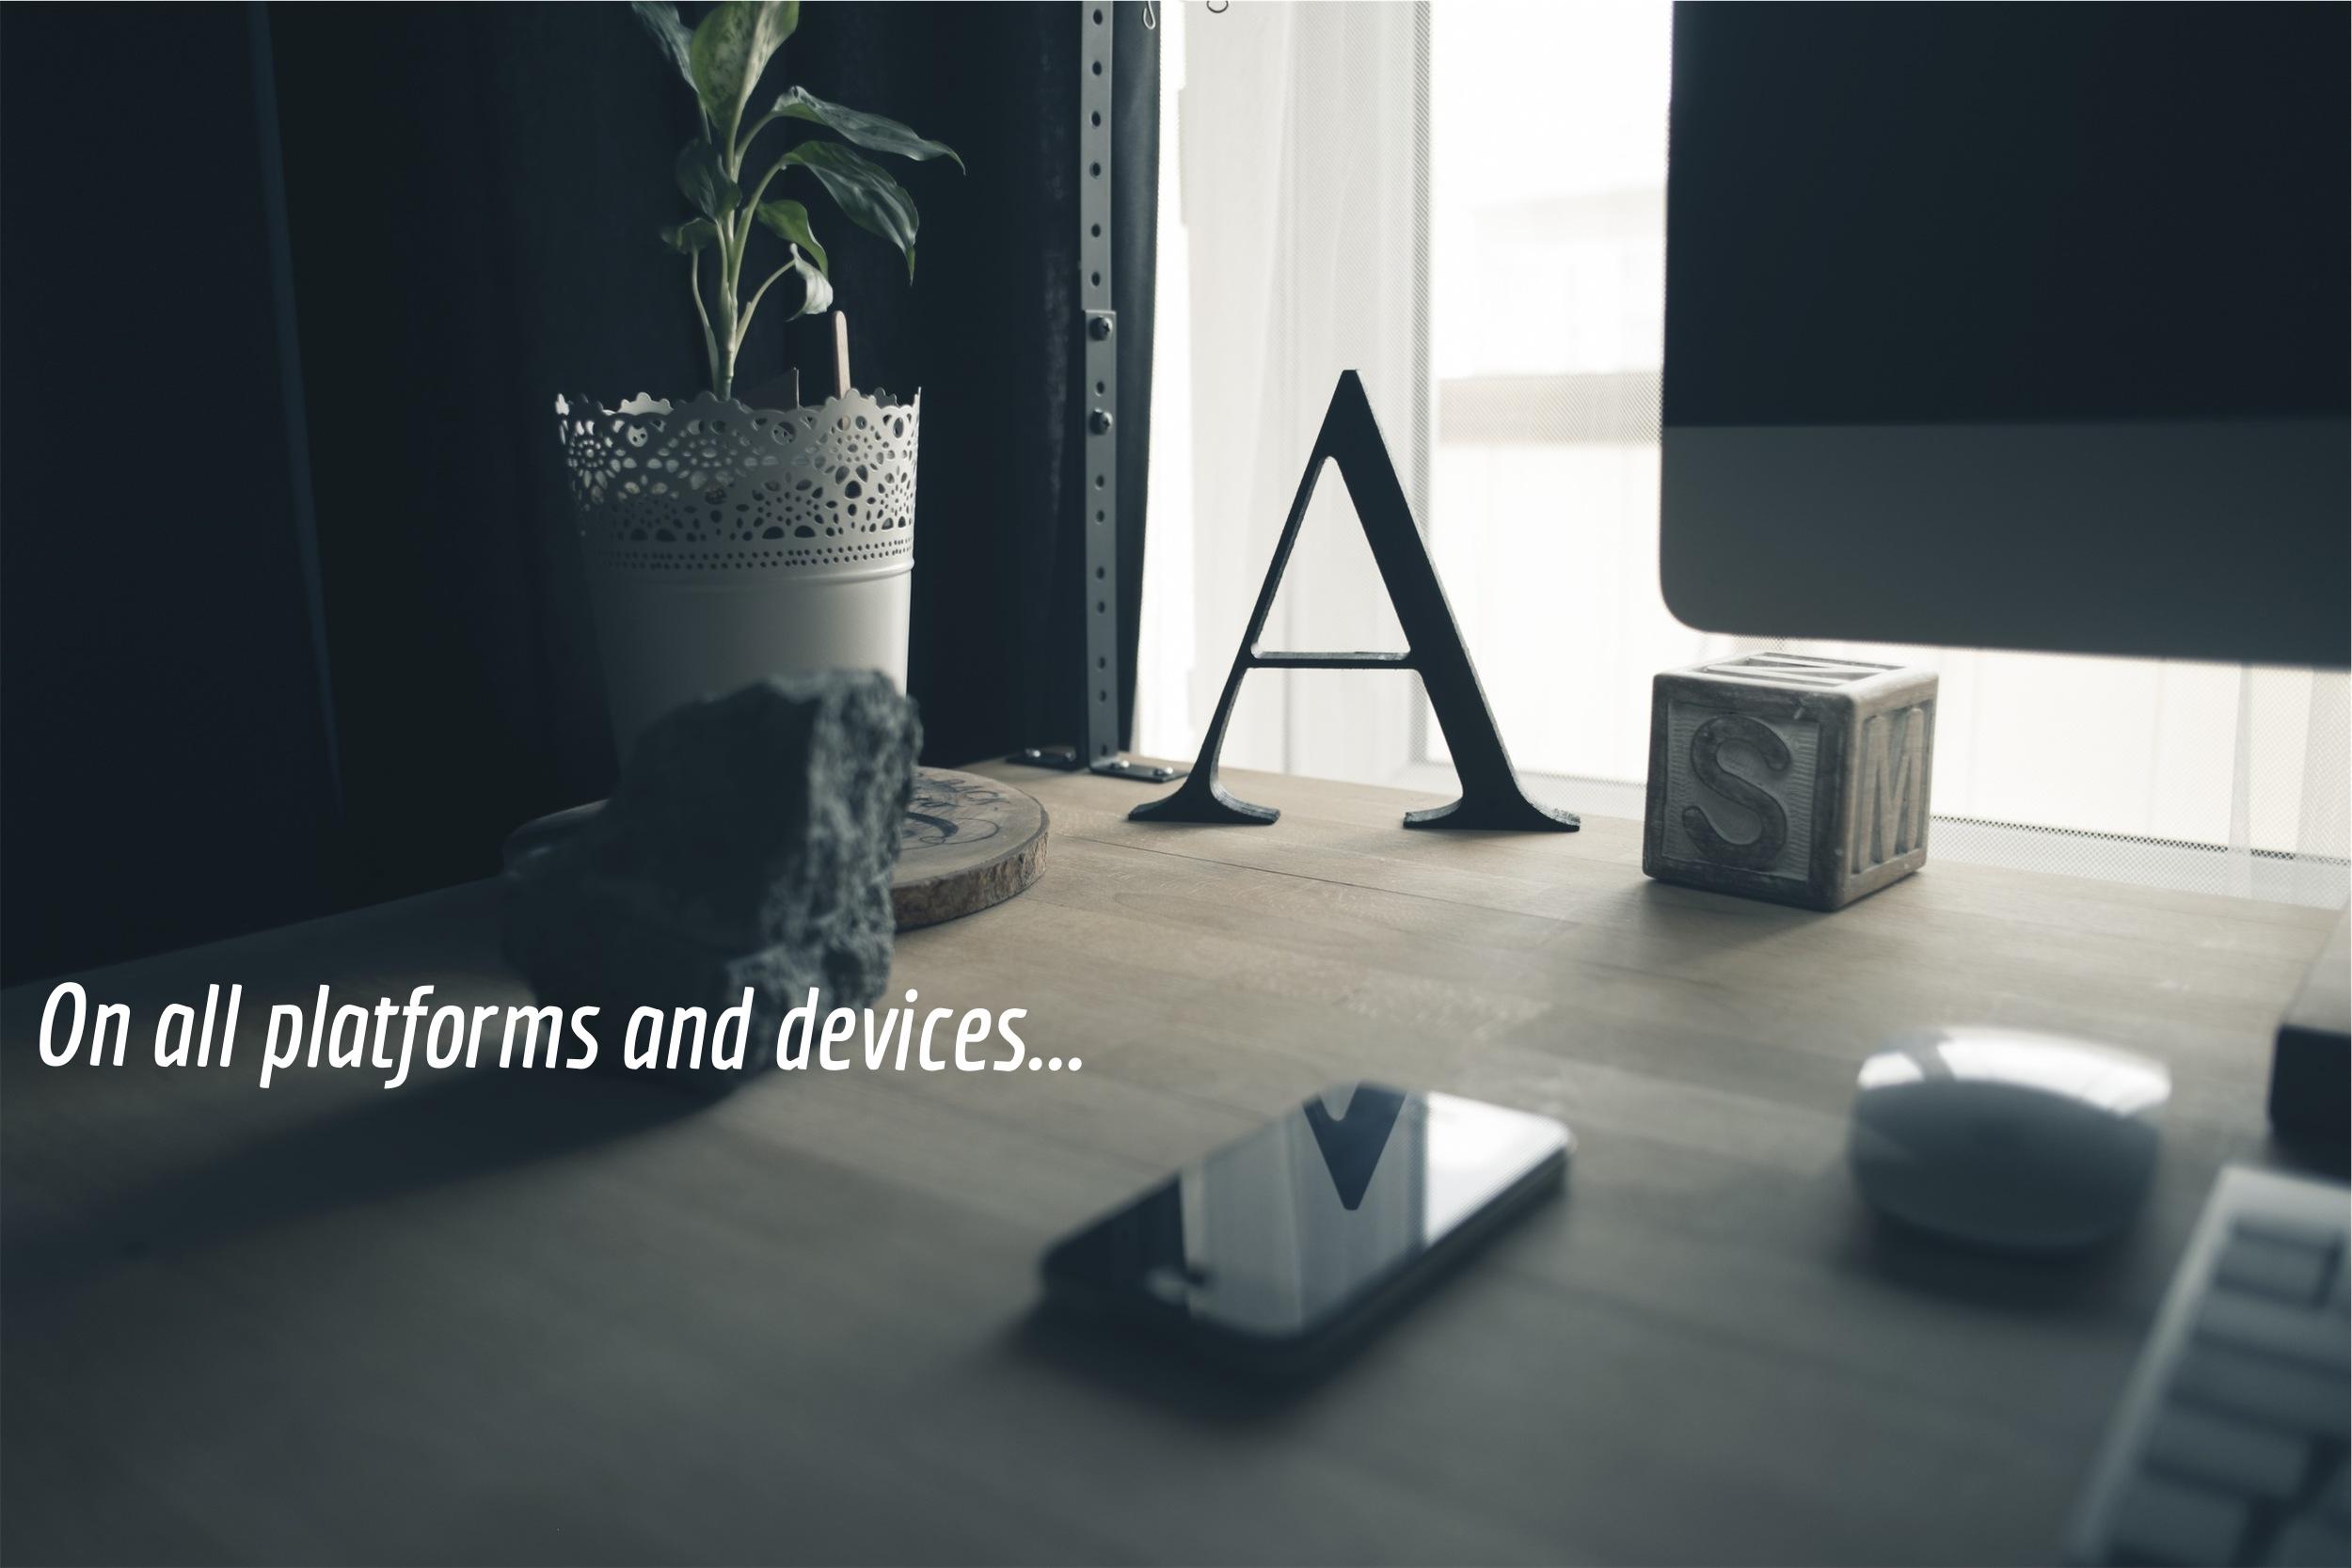 cellphone-desk.jpg